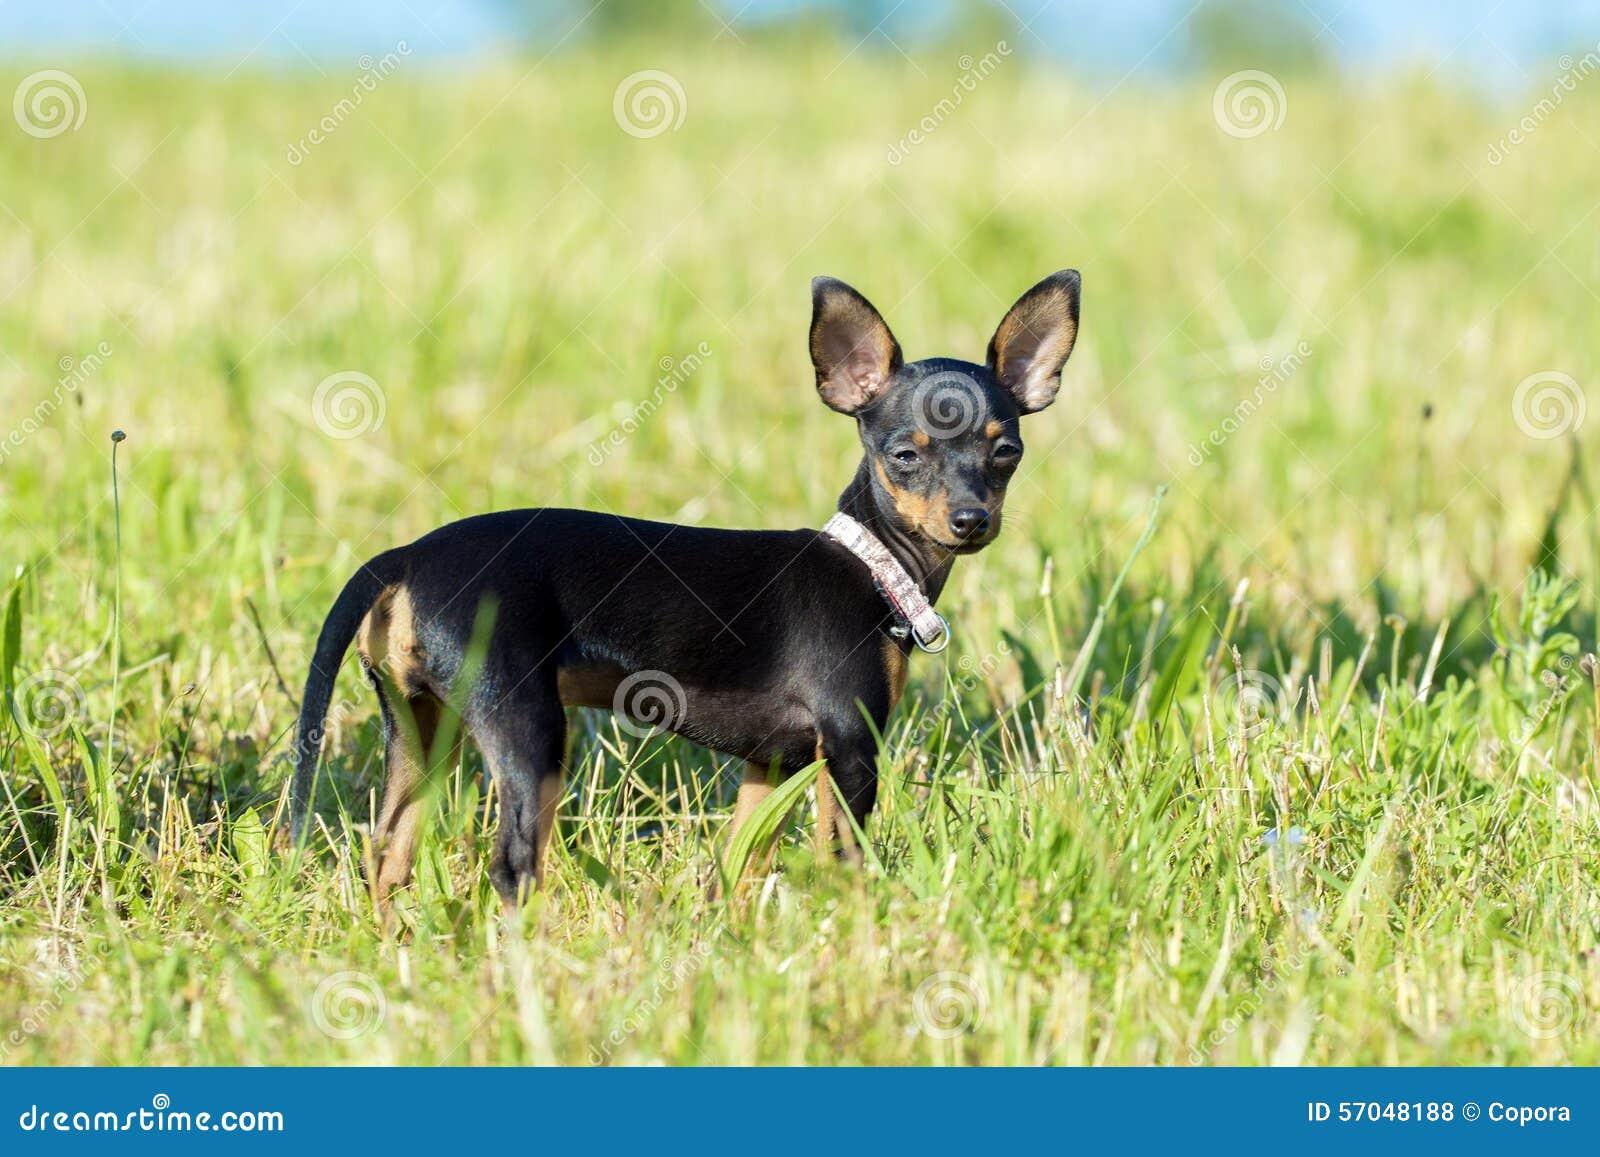 Kleiner schwarzer hund der auf einer wiese steht for Kleiner schwarzer beistelltisch